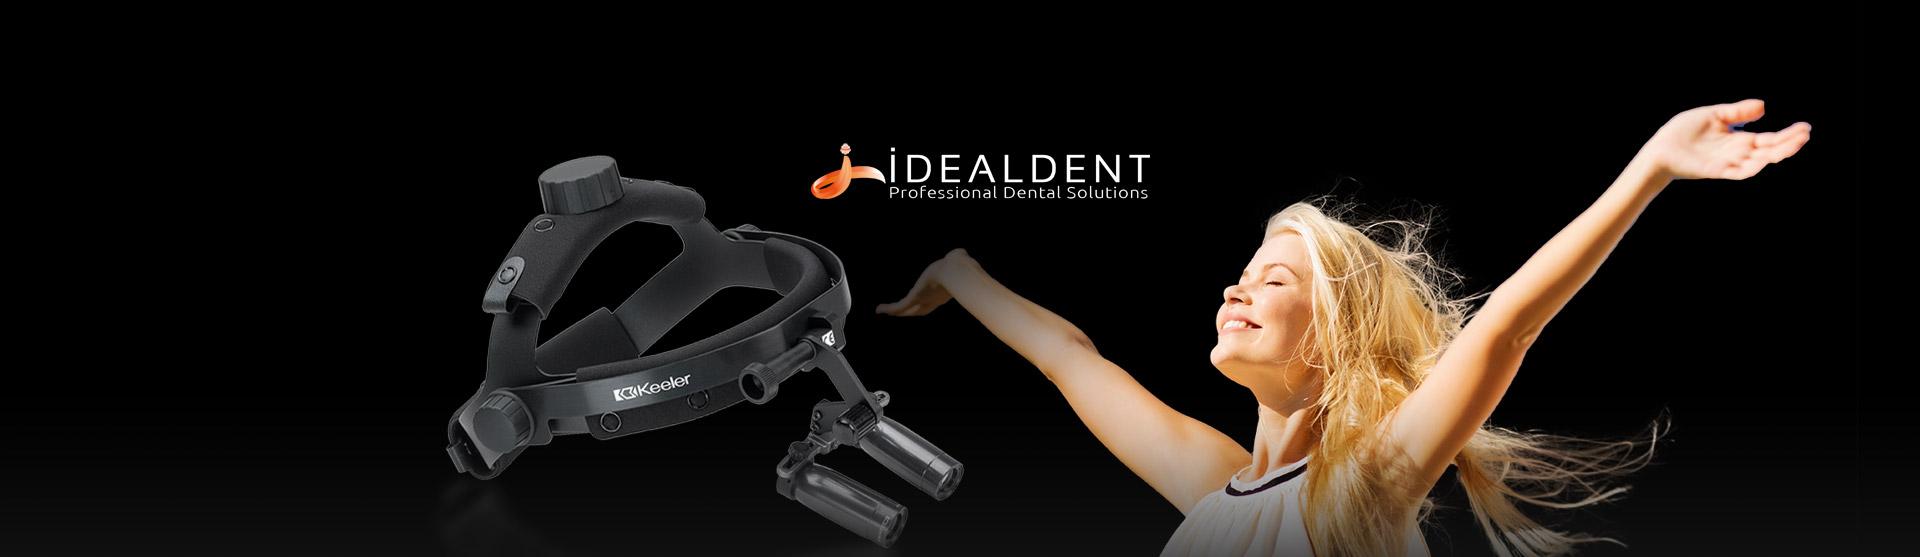 idealdent-header-bg